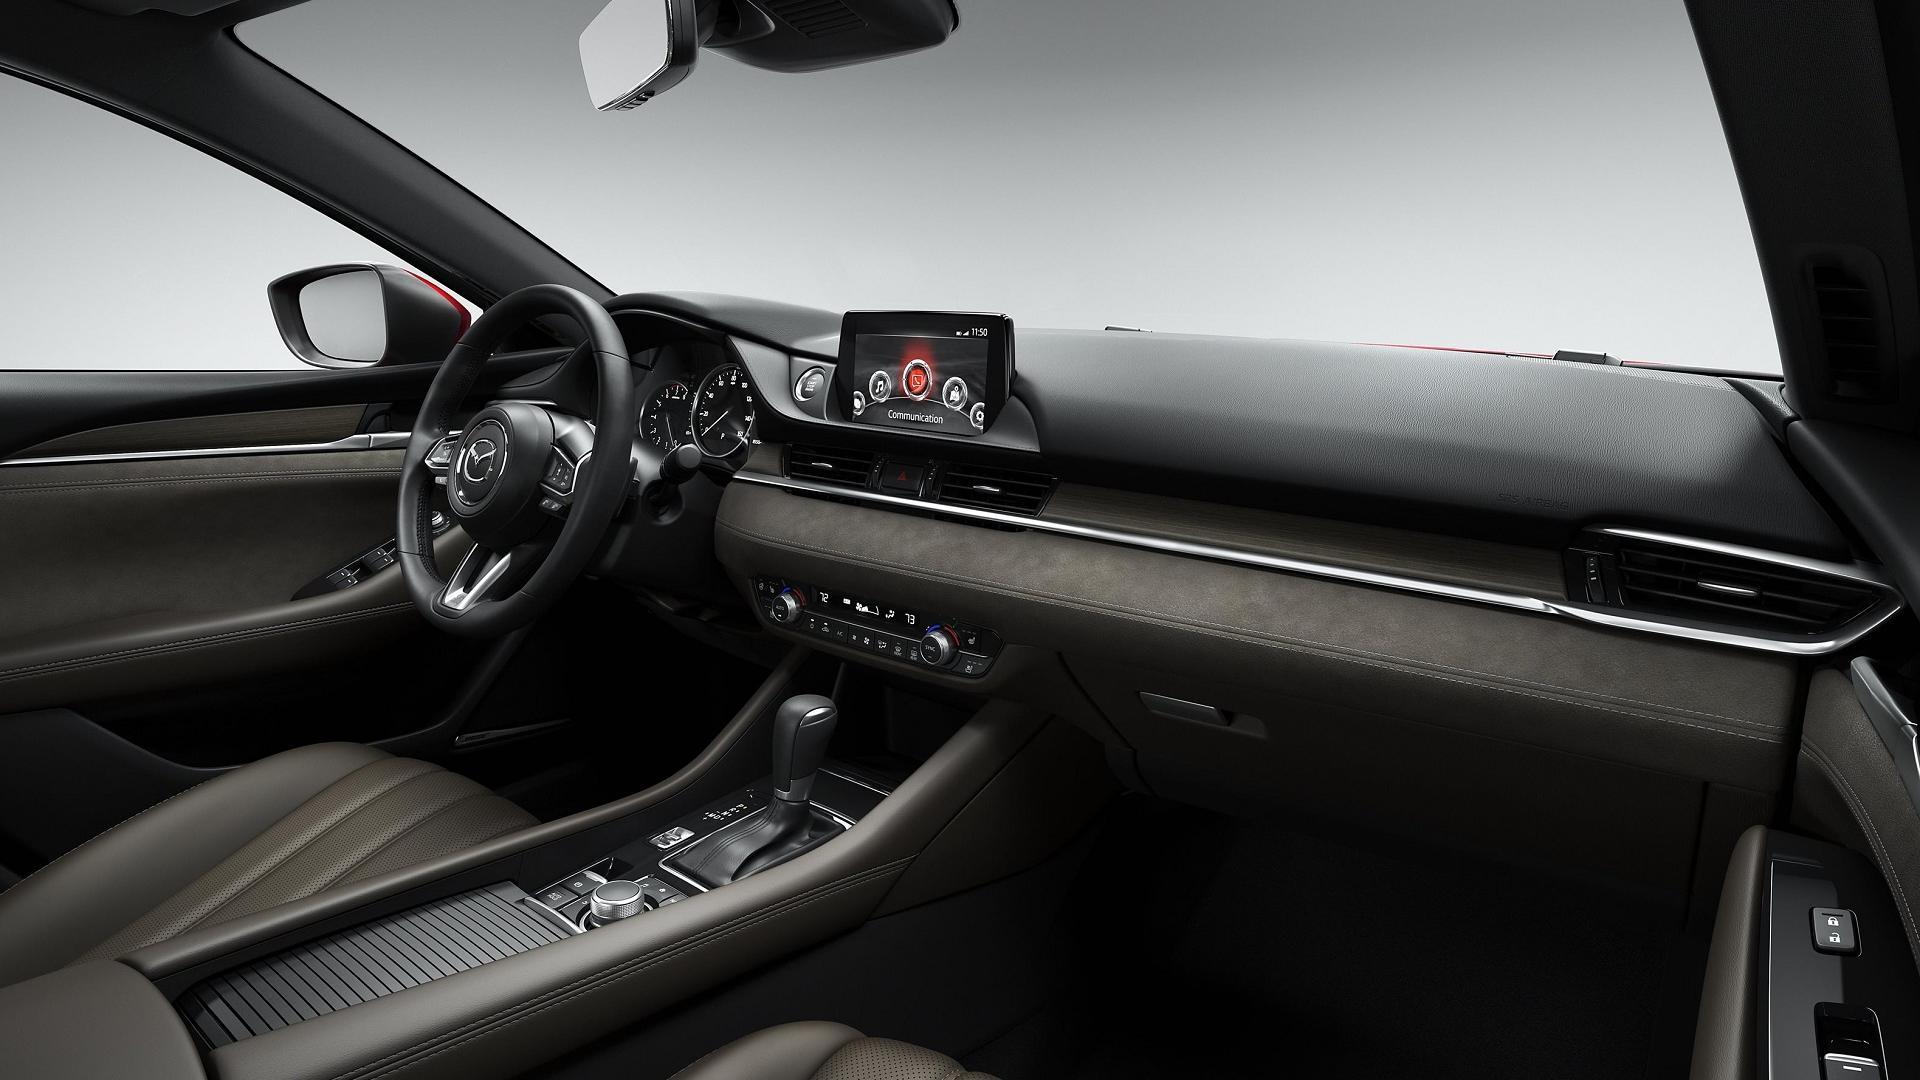 Wspaniały Mazda 6 (2018) - Galerie prasowe - Galeria • AutoCentrum.pl ZI33